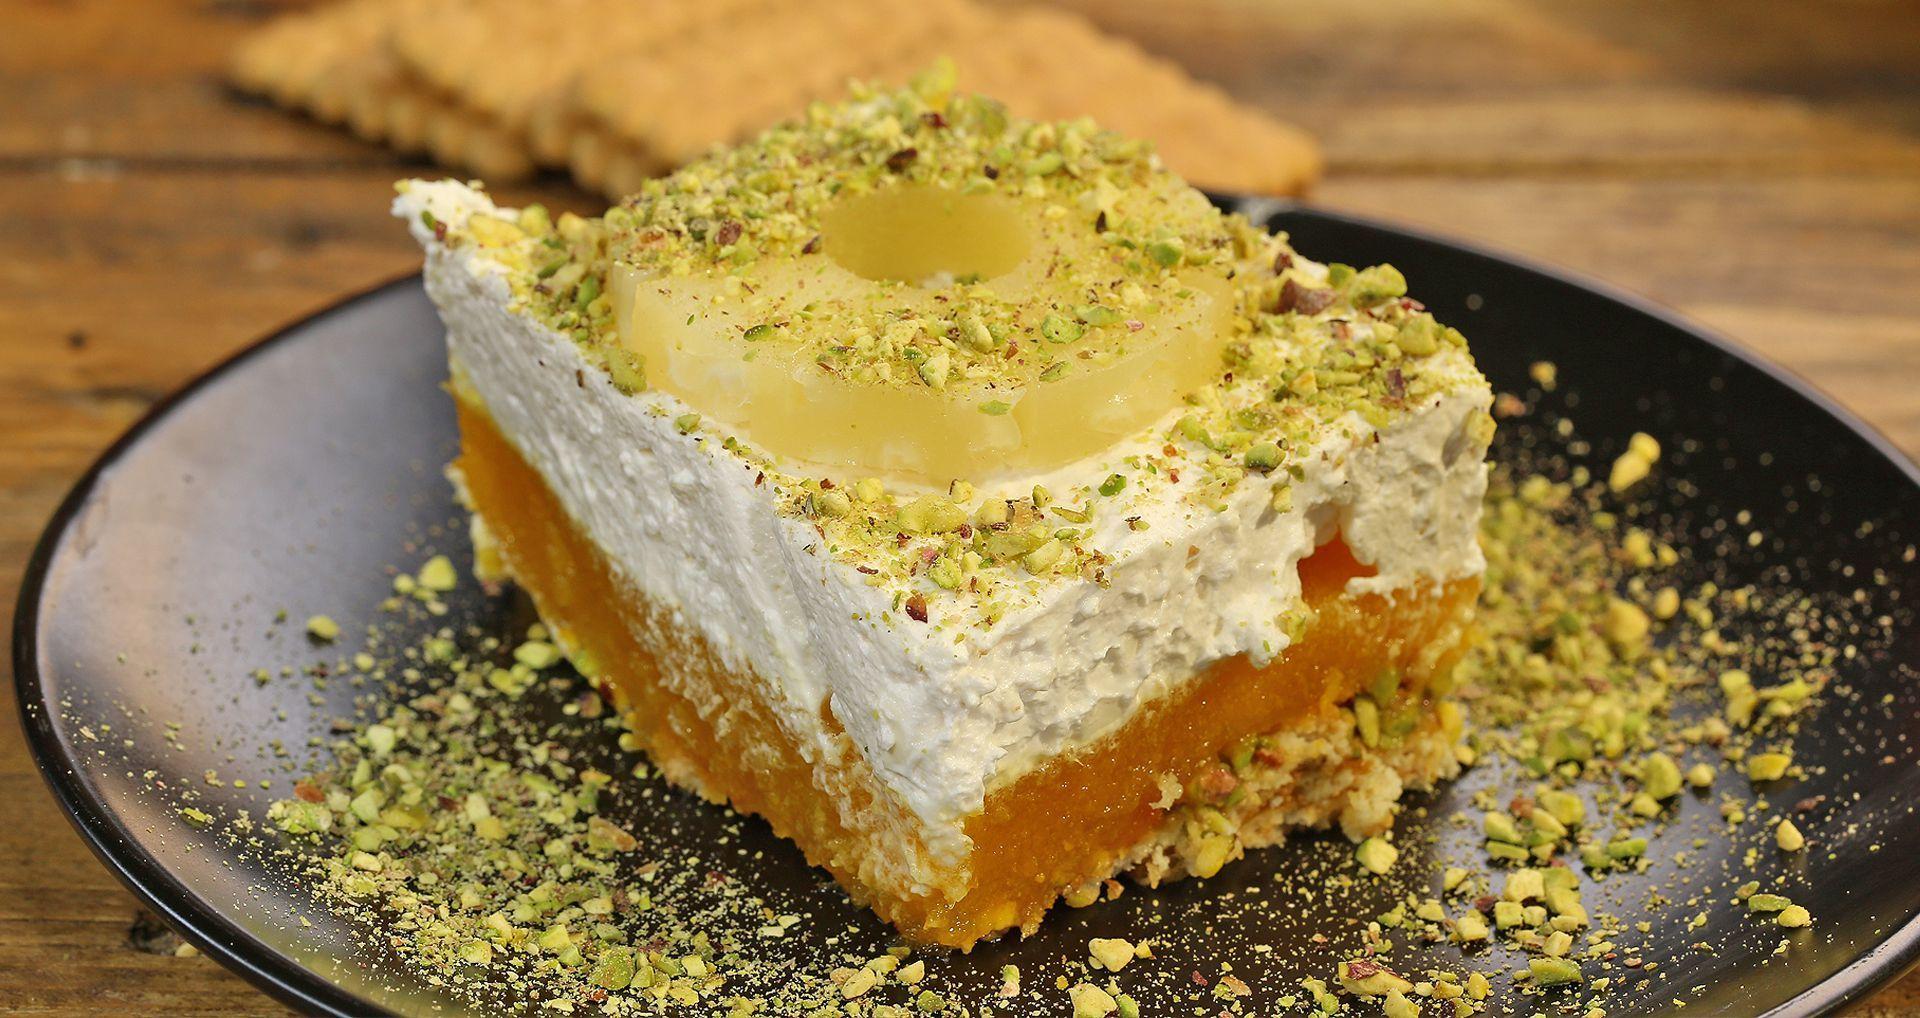 طريقة عمل حلى الاناناس البارد Recipe Baking Food Desserts